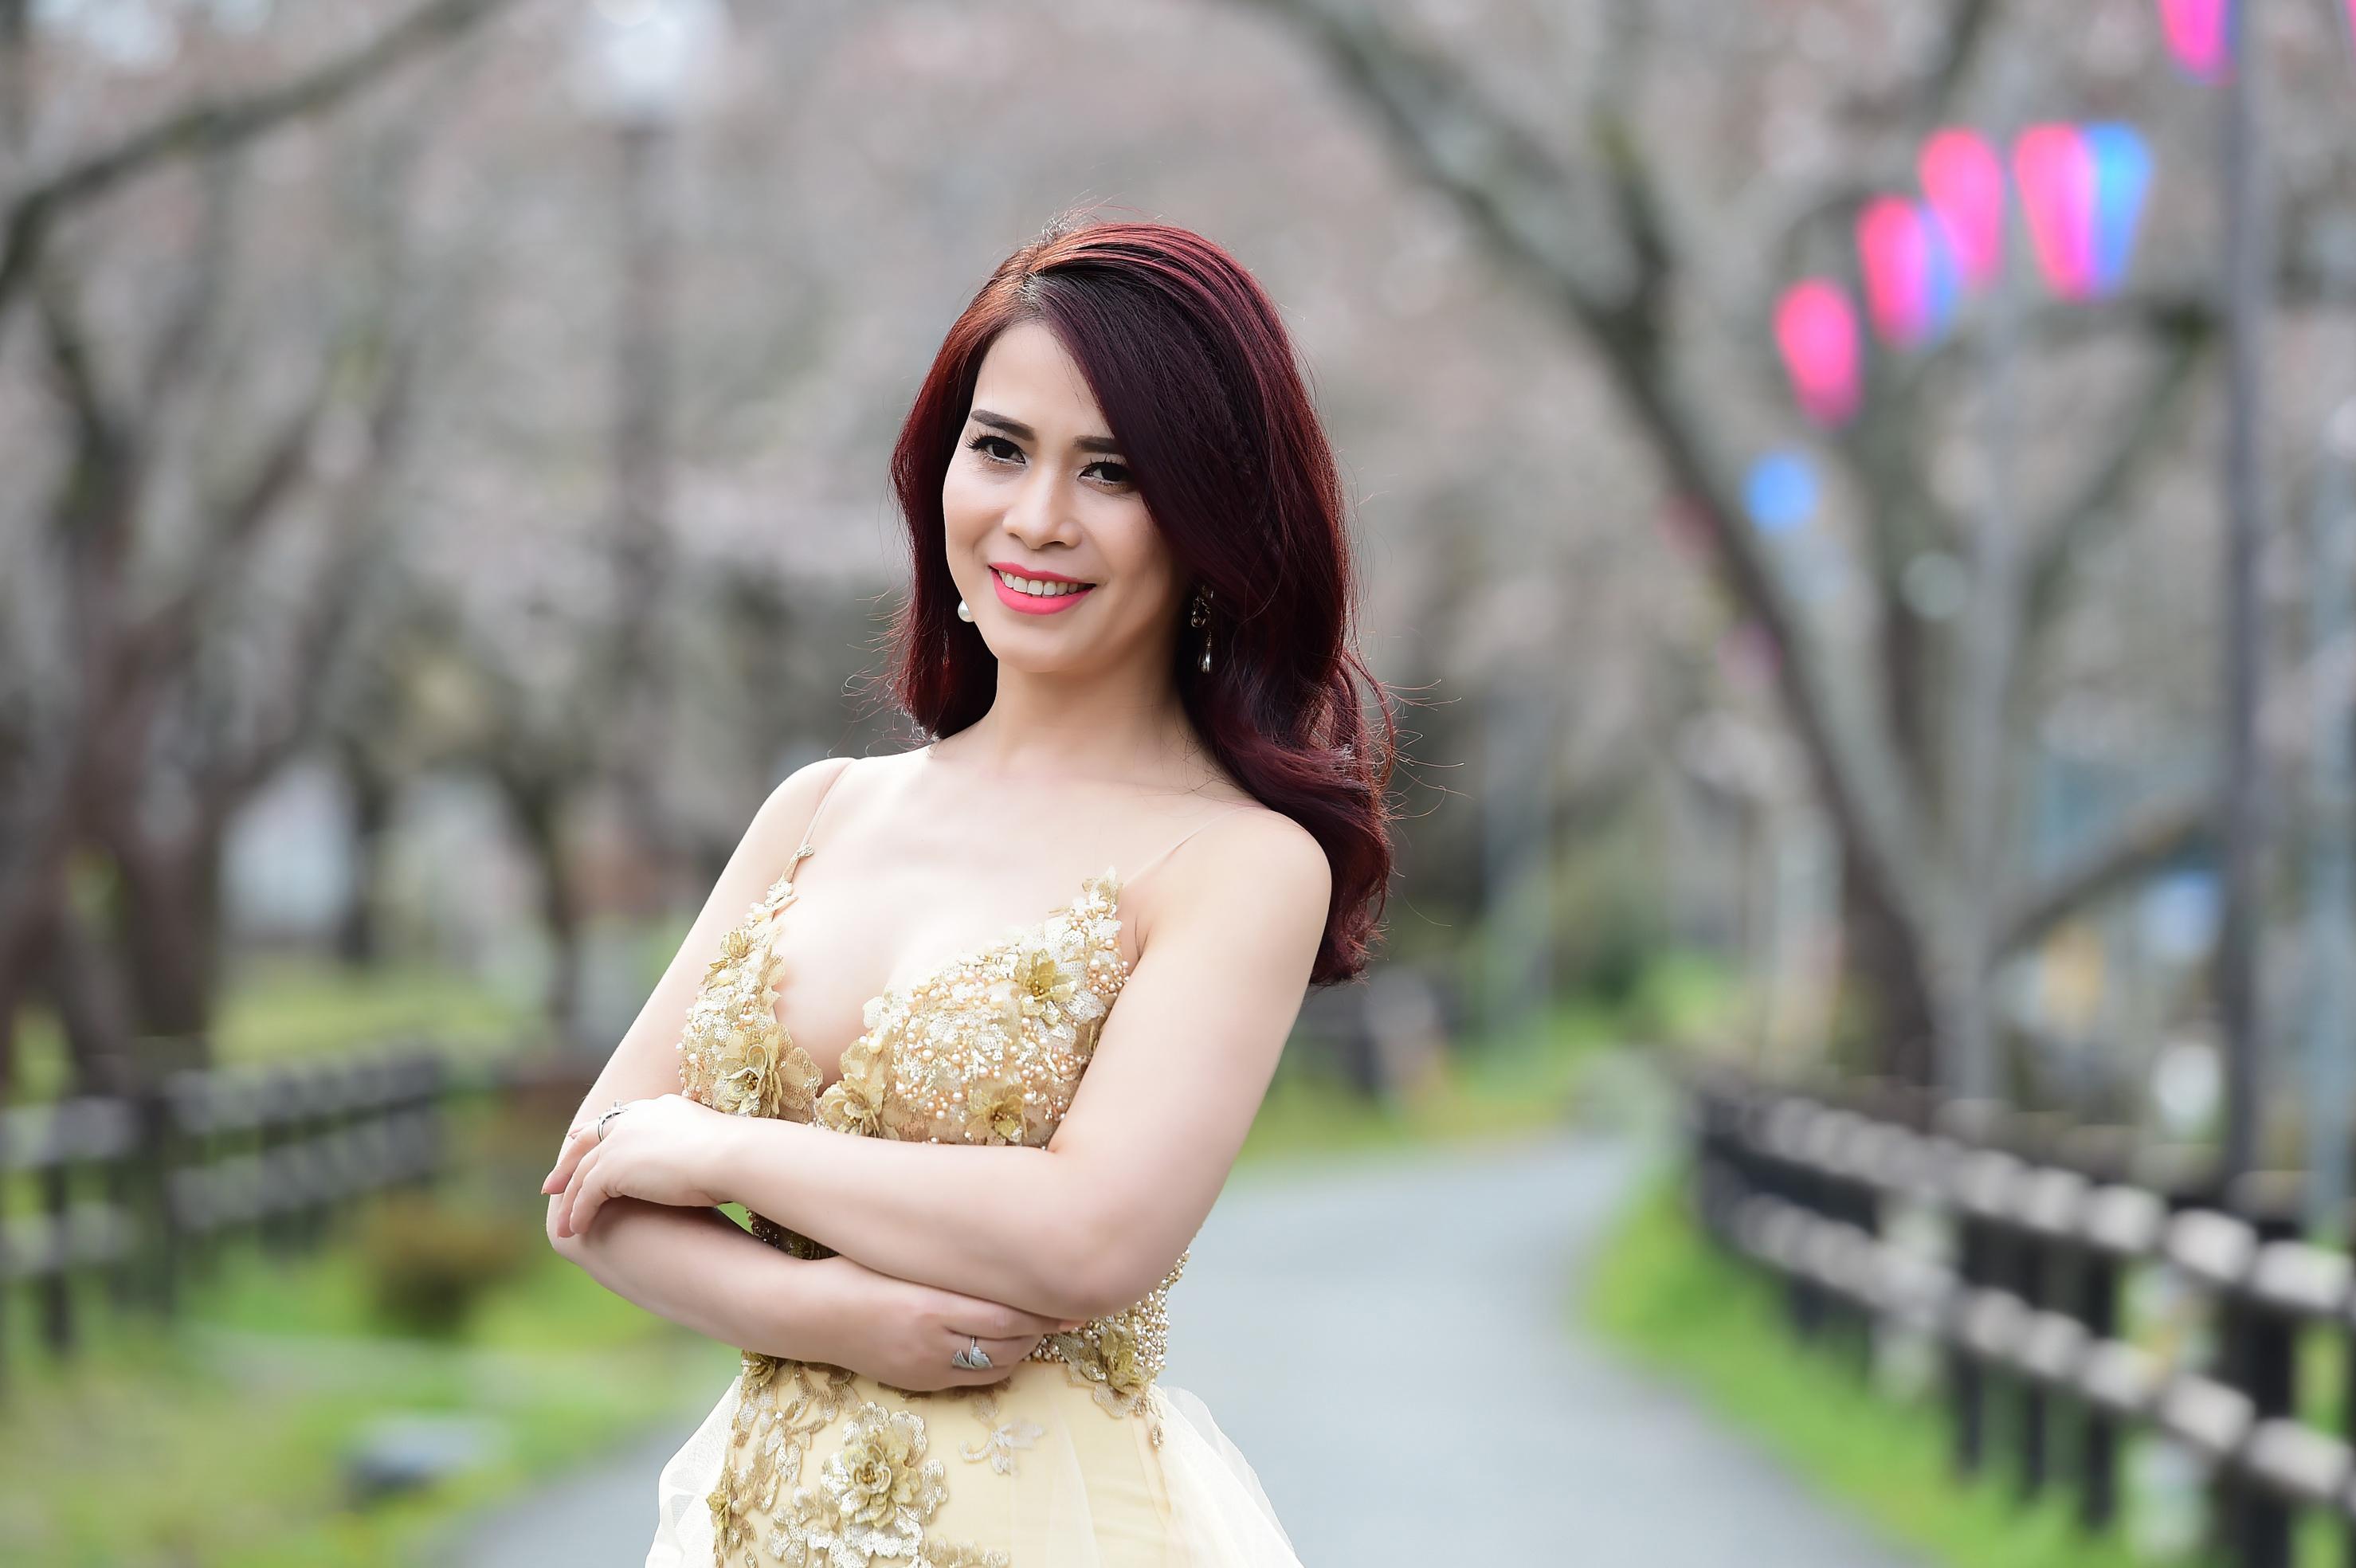 Báo chí và giám đốc Trần Ngọc Lan trong cuộc thi Hoa hậu Doanh nhân người Việt châu Á 2017